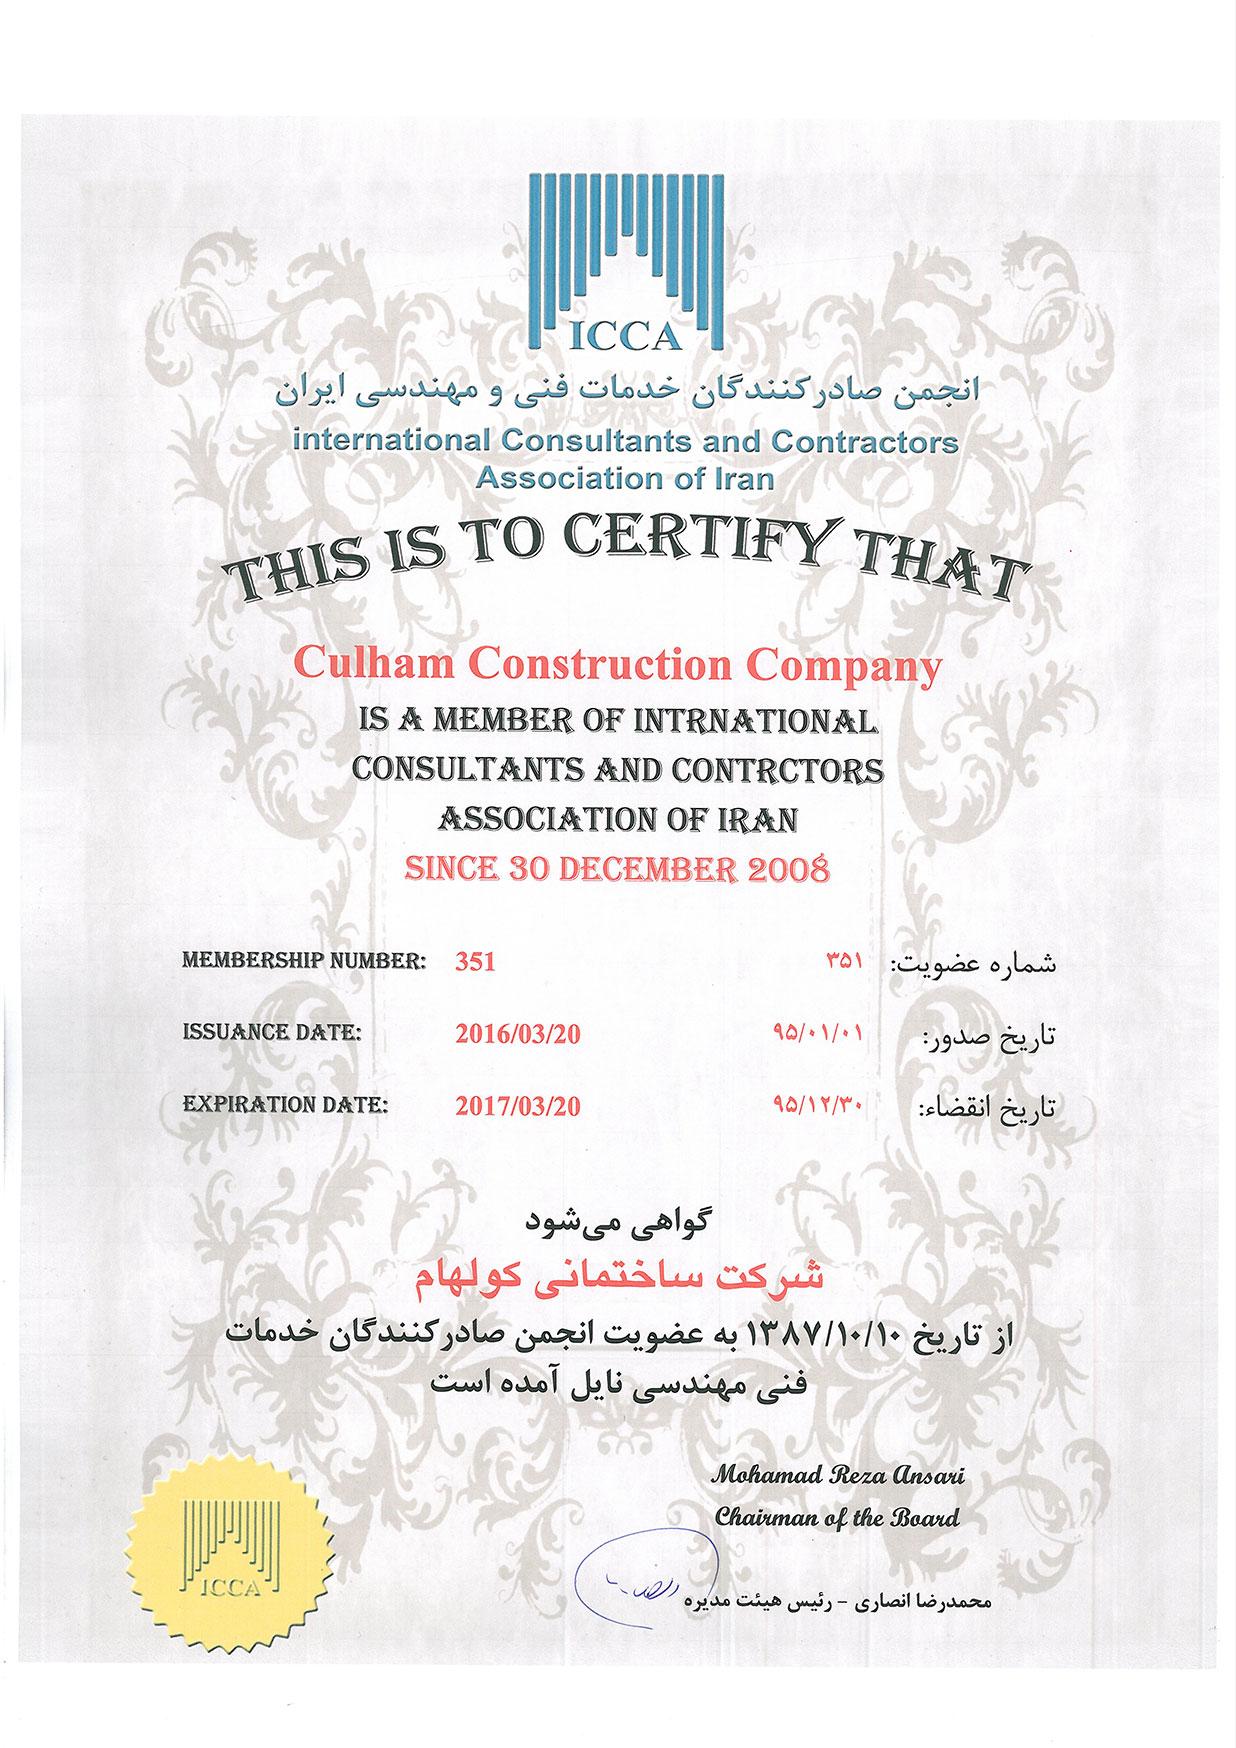 انجمن صادرکنندگان خدمات فنی و مهندسی ایران